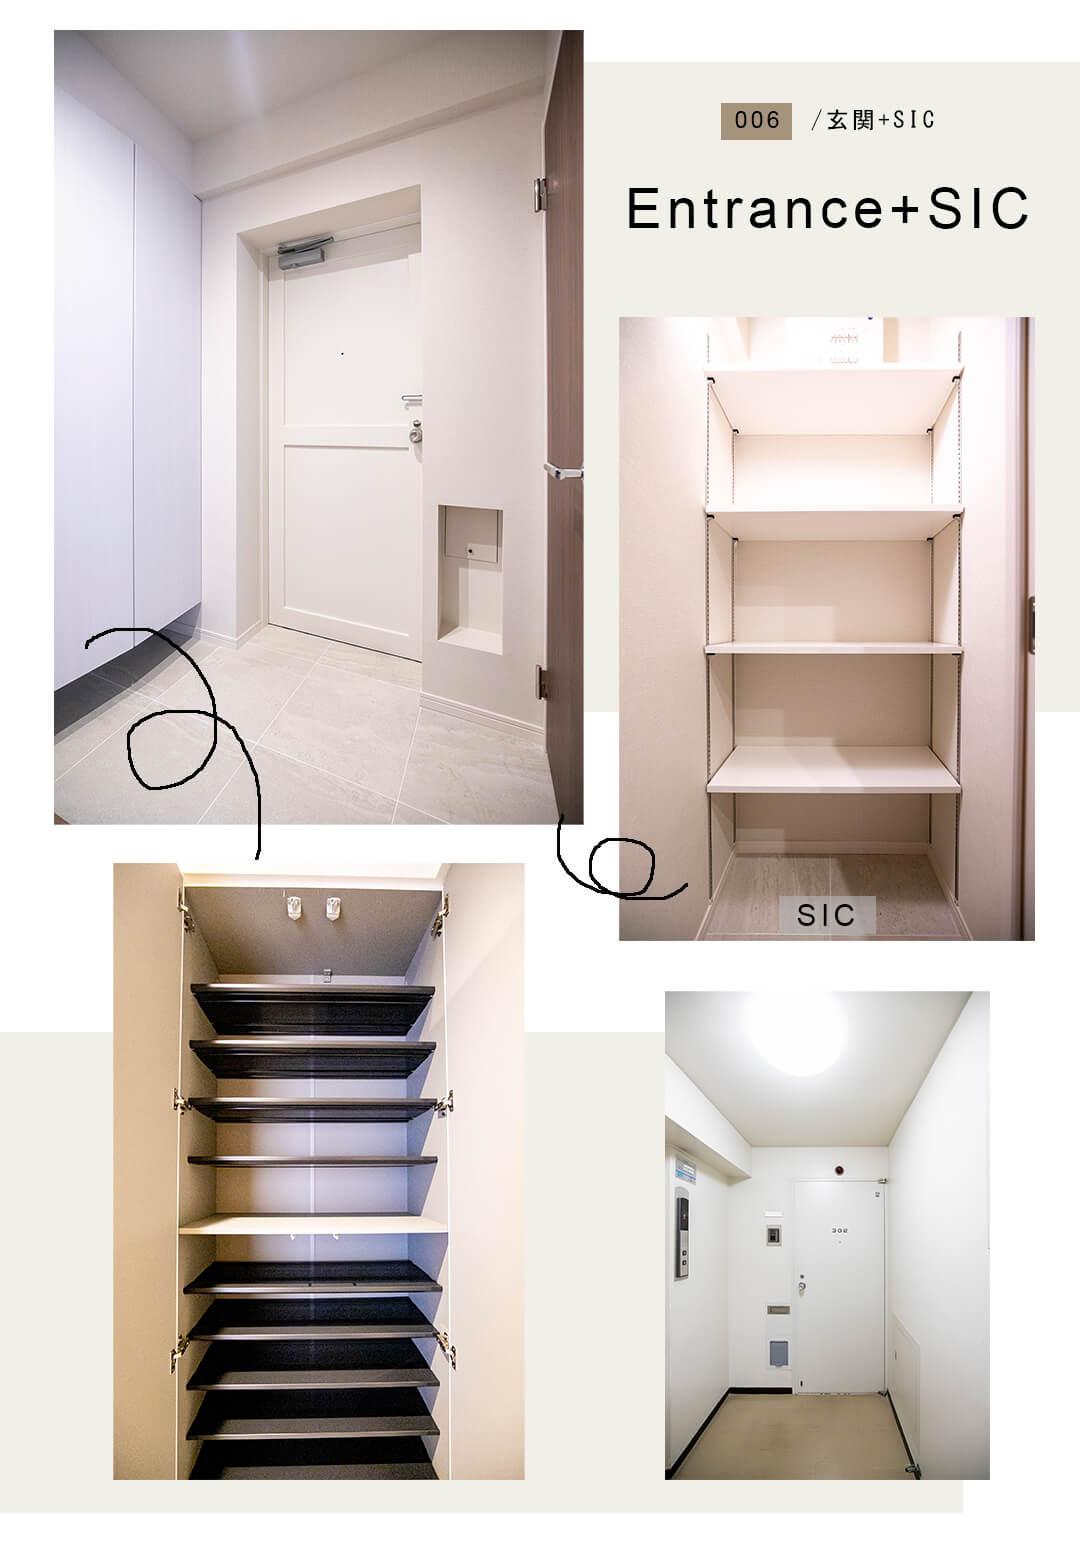 006玄関+SIC,Entrance+SIC